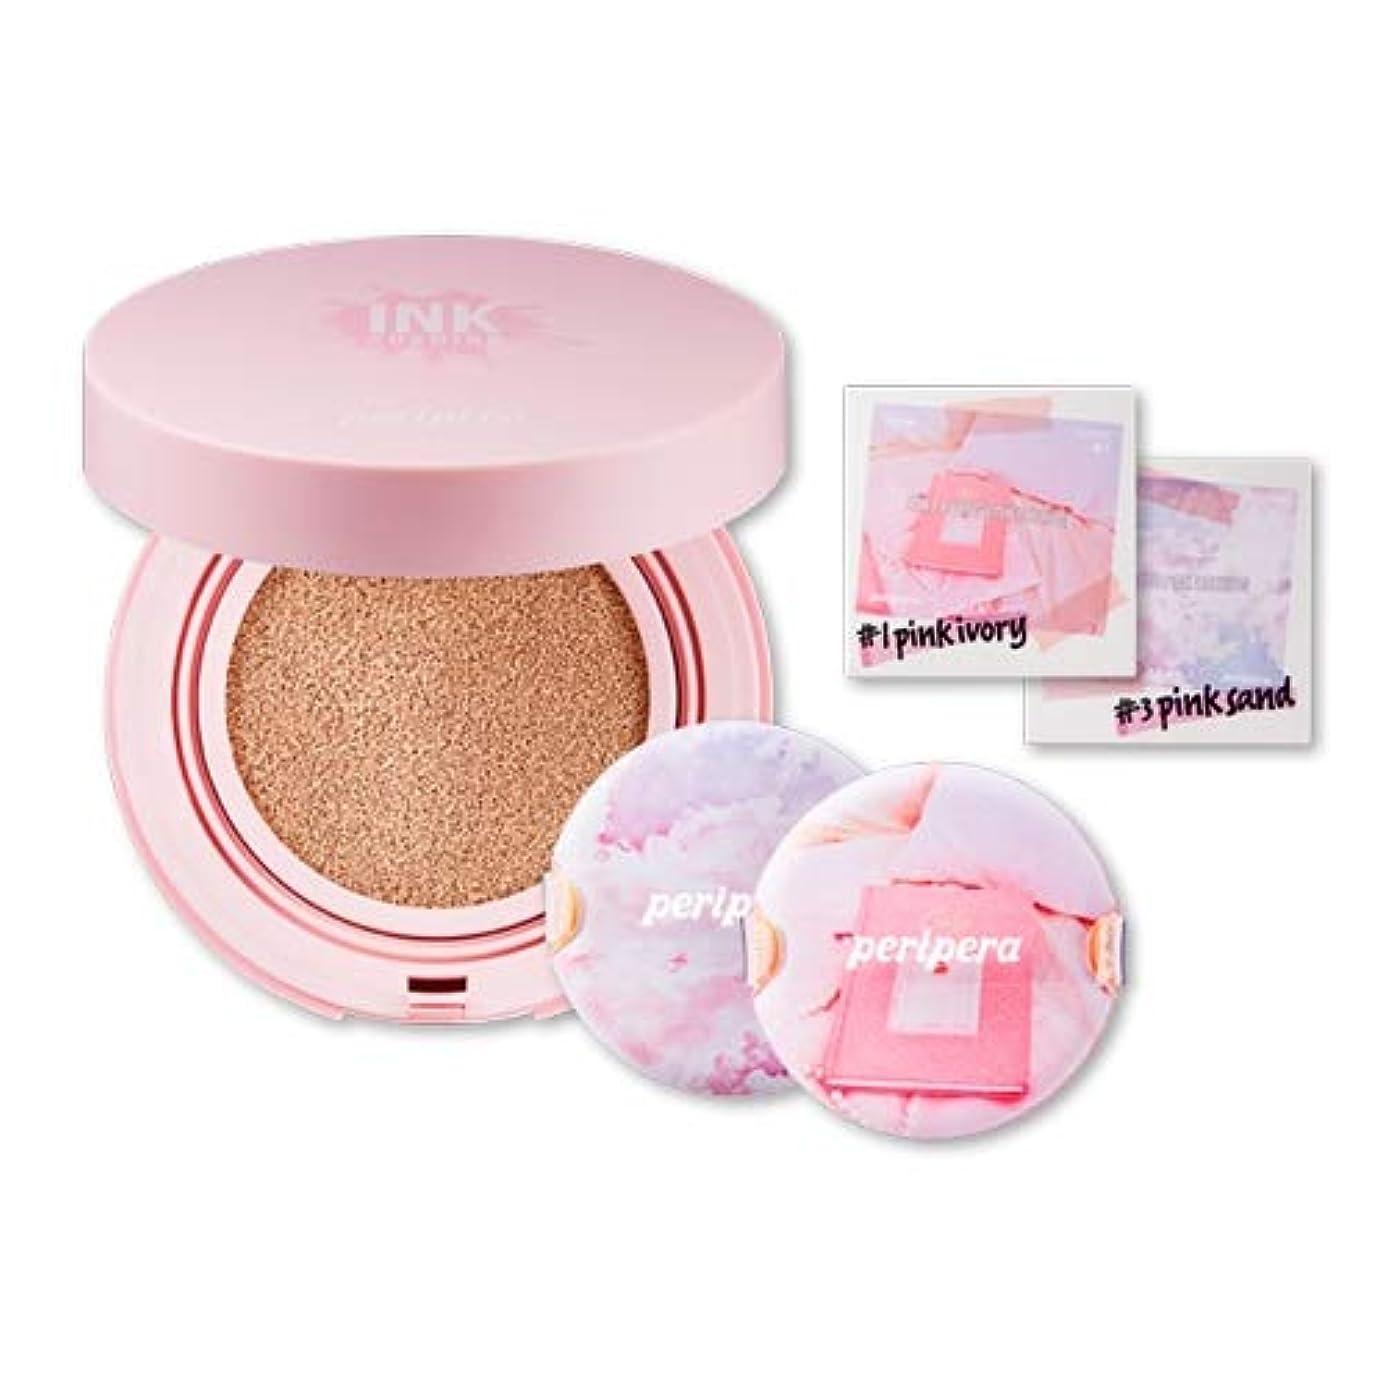 スイス人炭水化物誘導Peripera ペリペラ [ピンクの瞬間] インクラスティング ピンク クッション [Pink-Moment] Inklasting Pink Cushion (#1 Pink Ivory) [並行輸入品]